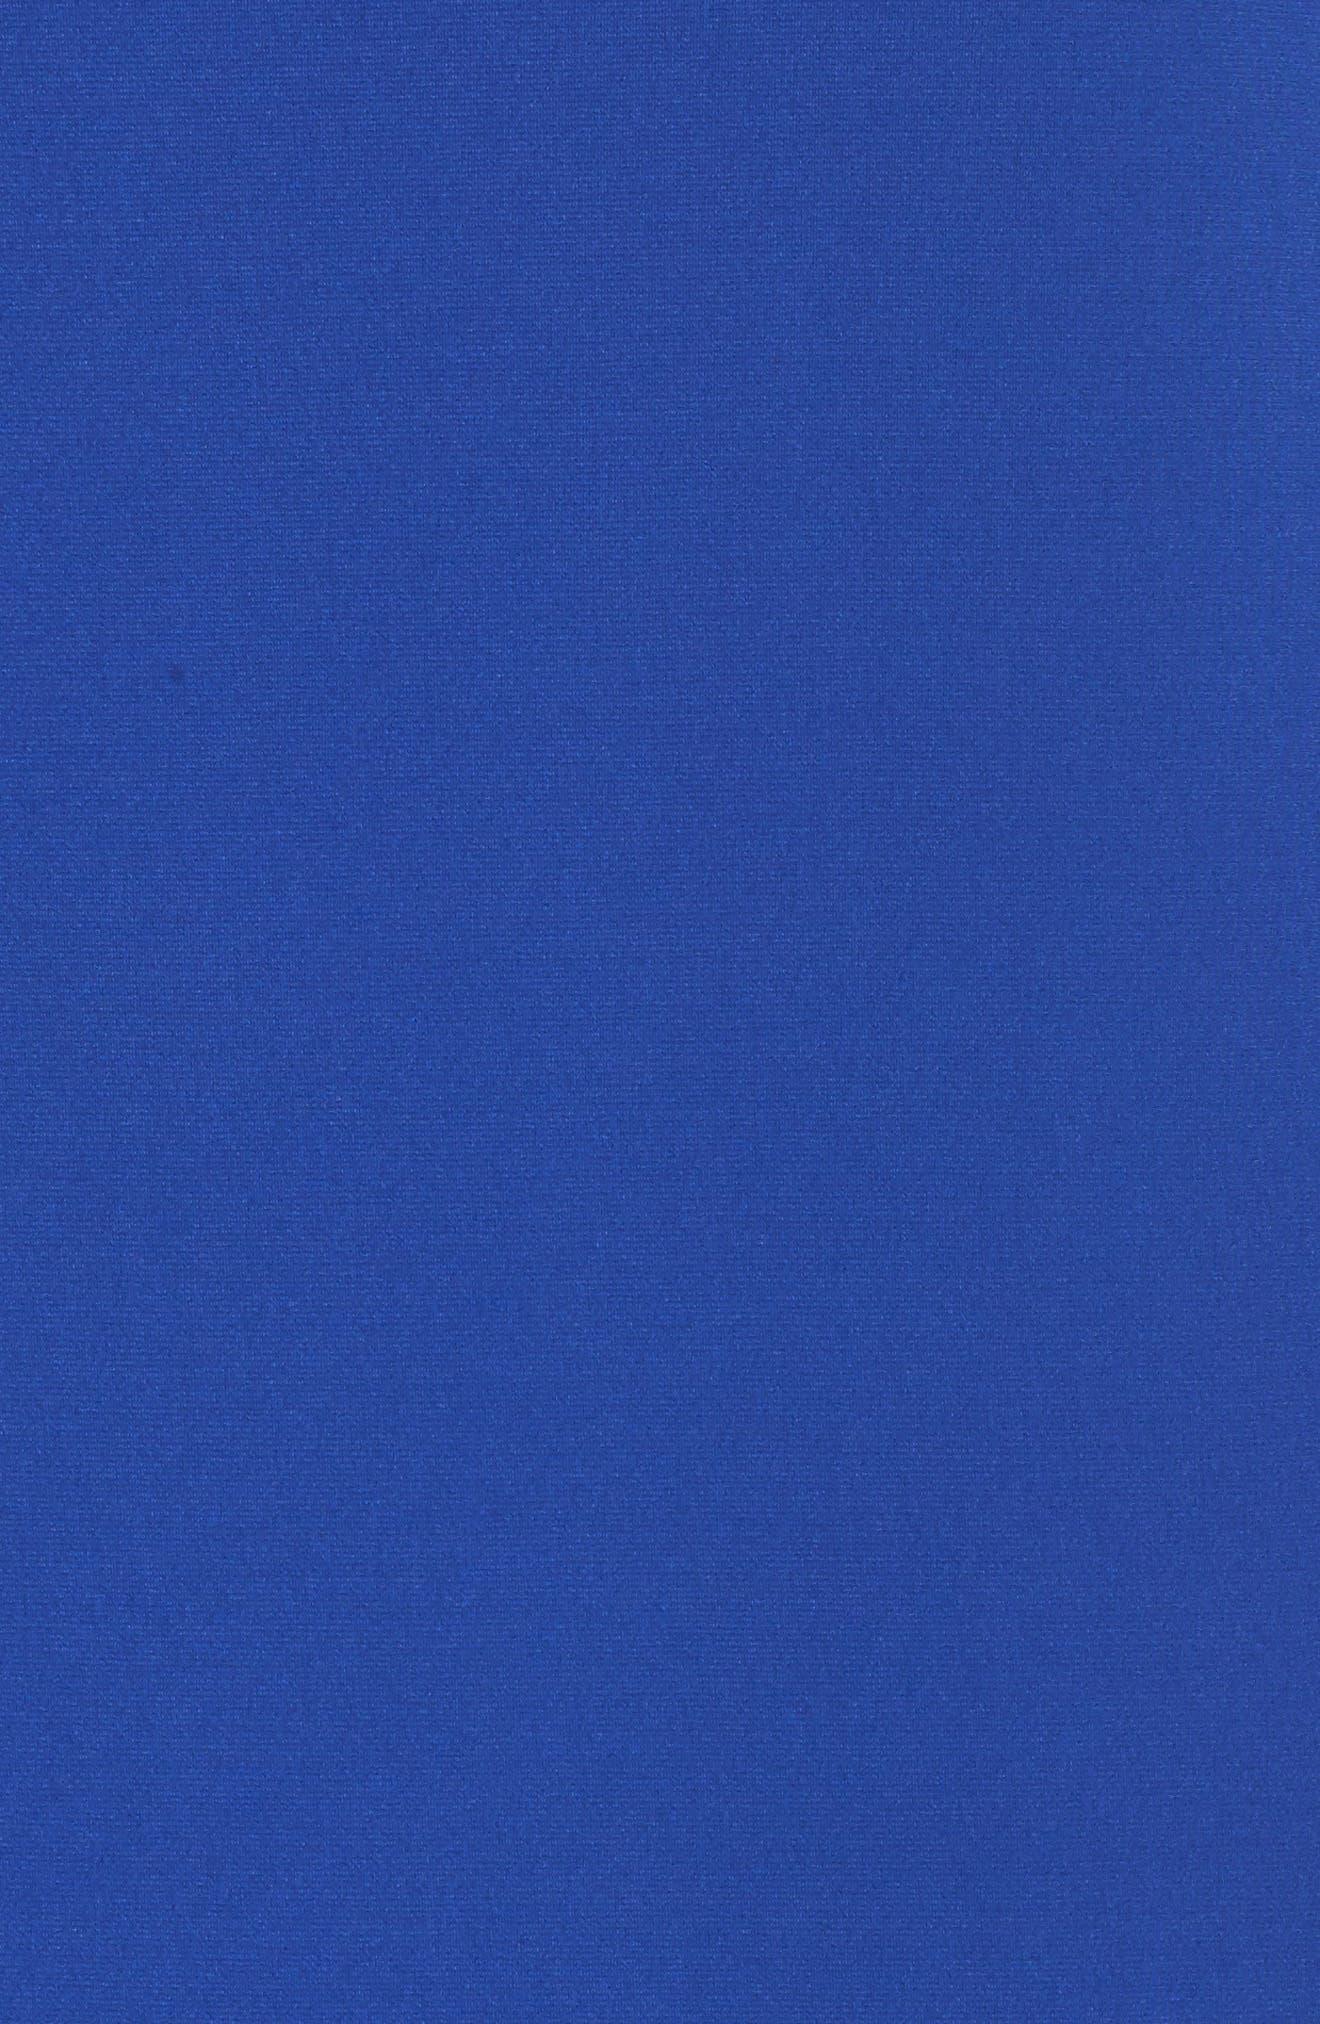 Cold Shoulder Shift Dress,                             Alternate thumbnail 5, color,                             Blue